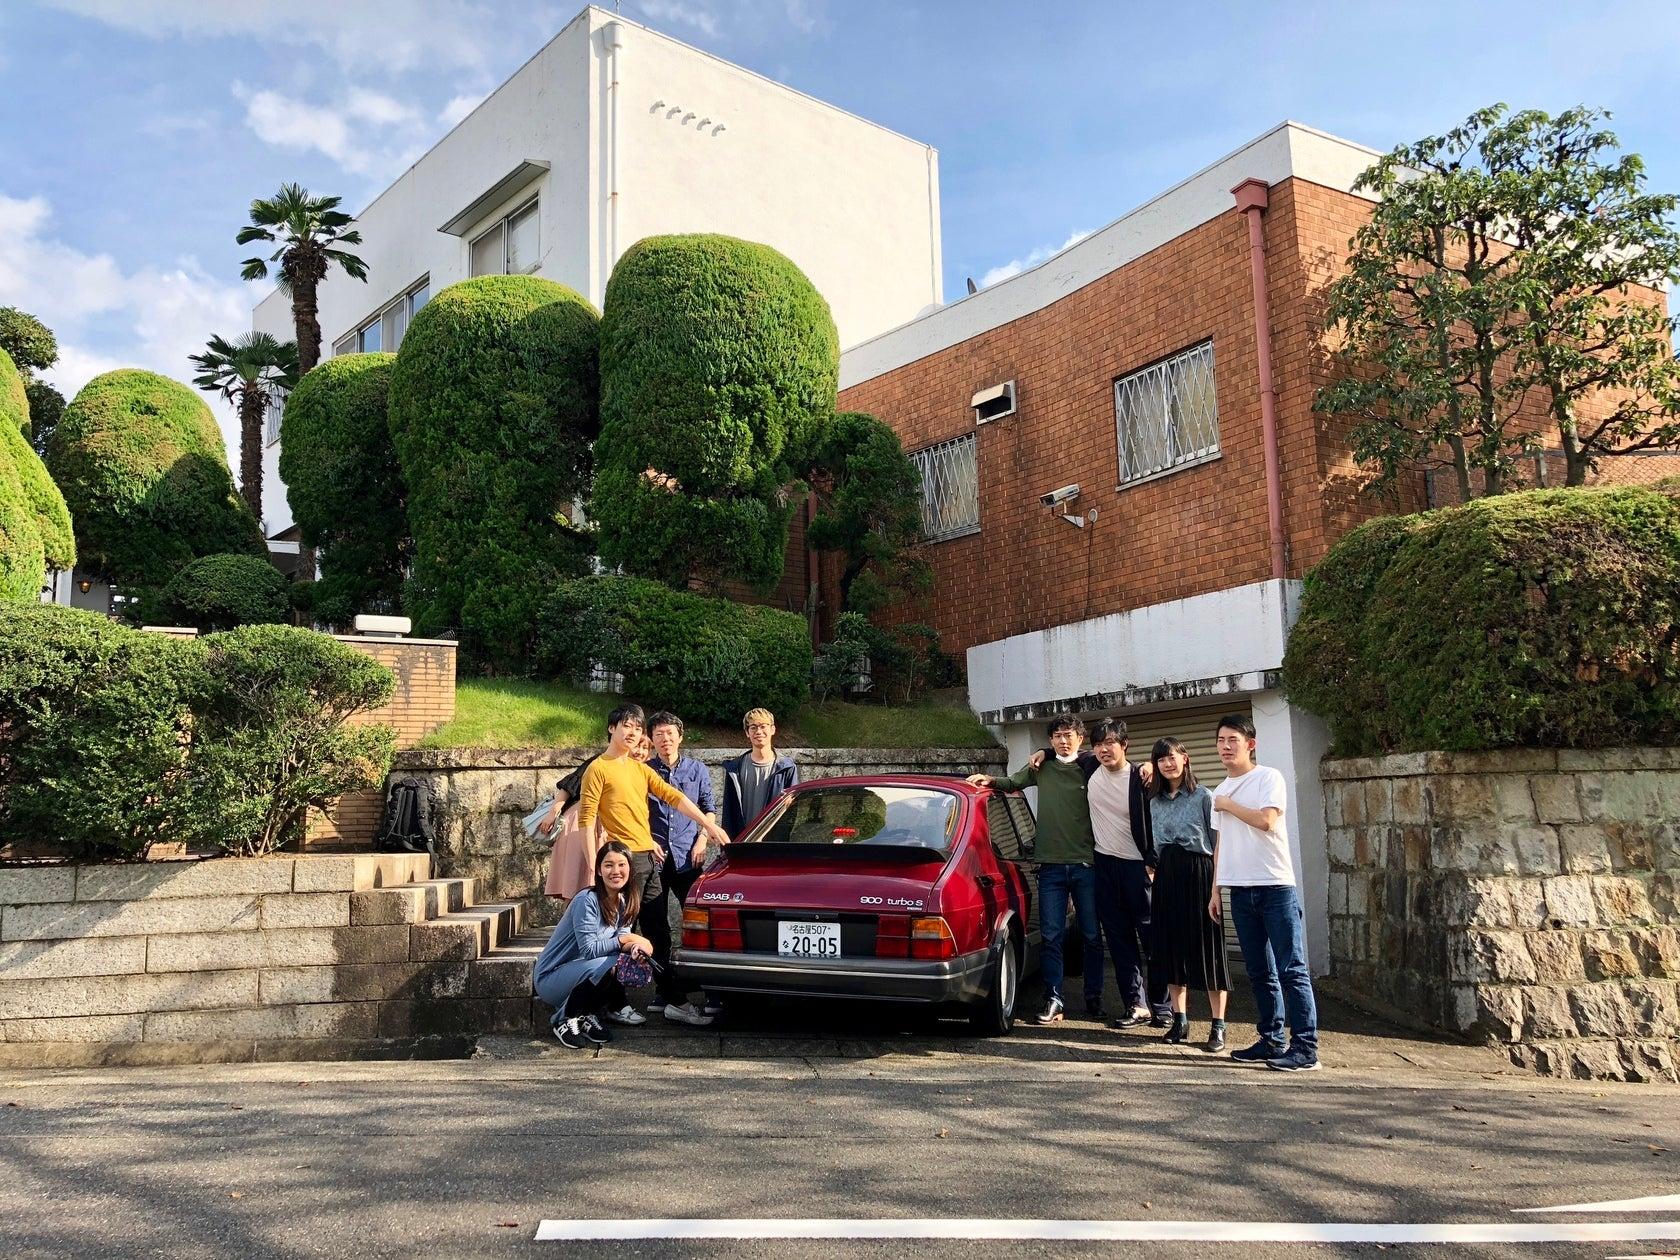 高級住宅街の昭和レトロな御屋敷で撮影会・パーティ・花見🌸 の写真